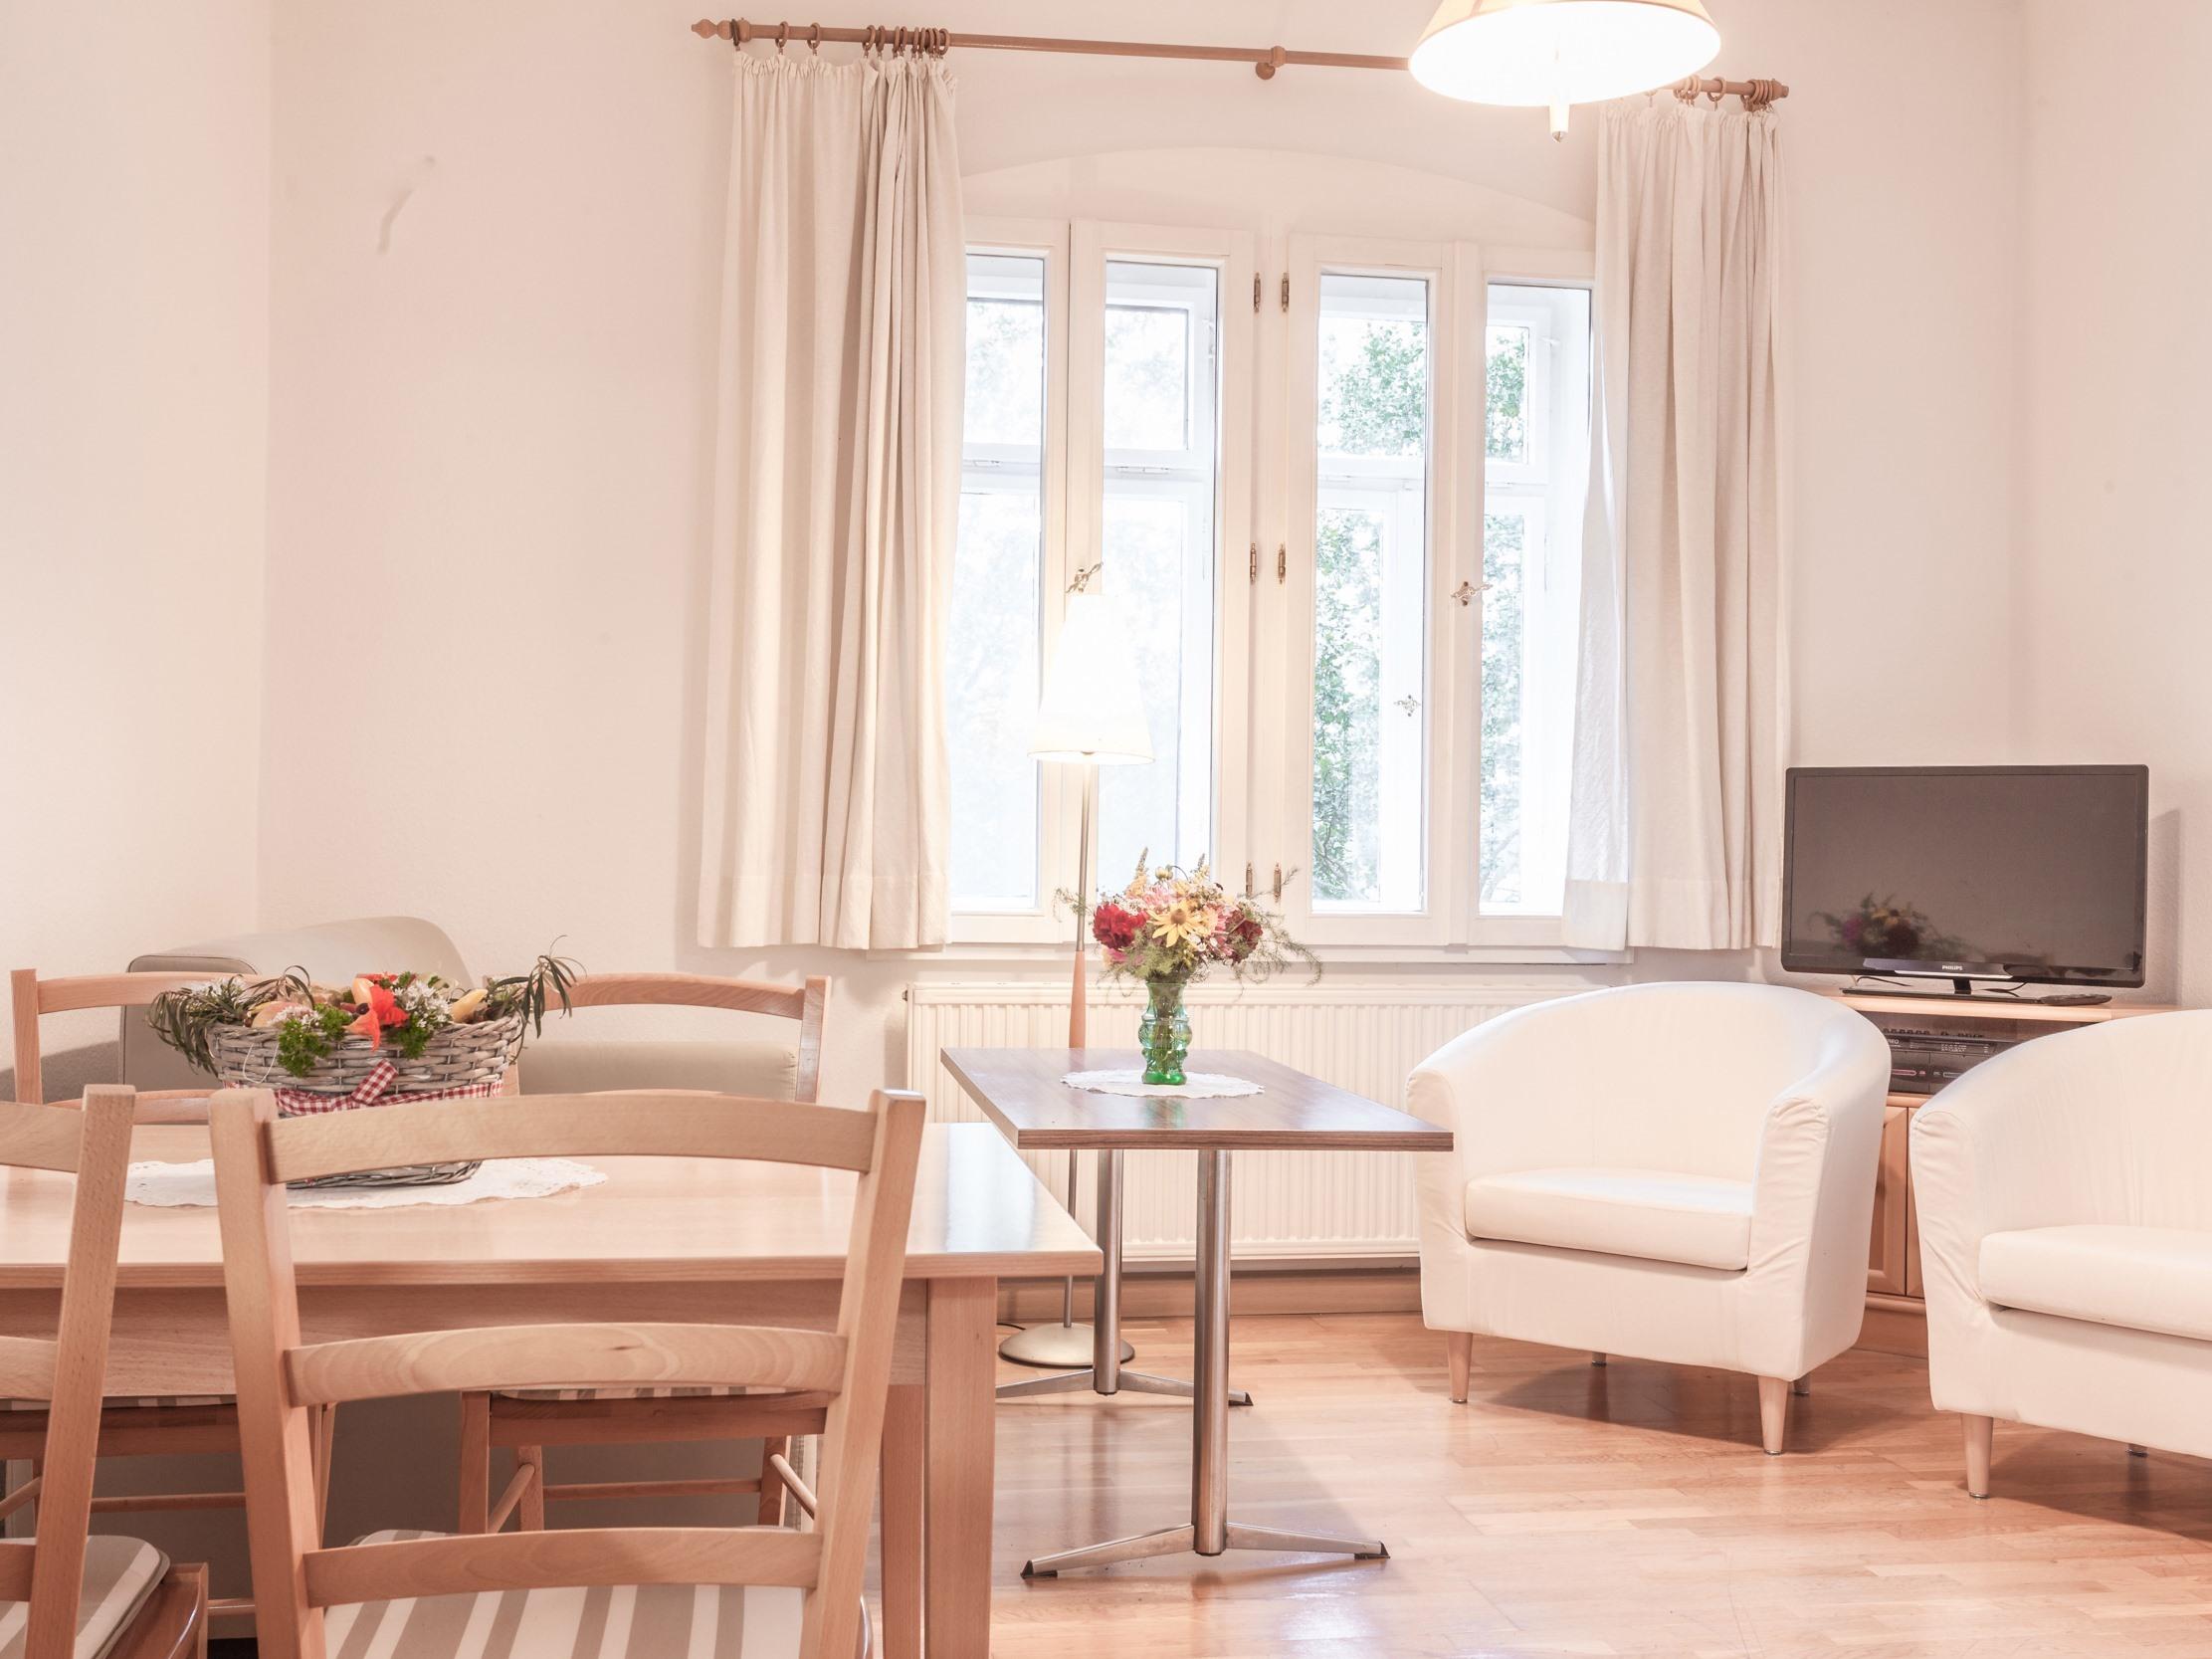 Apartment-Ensuite Dusche-App. 4 - OG - Standardpreis